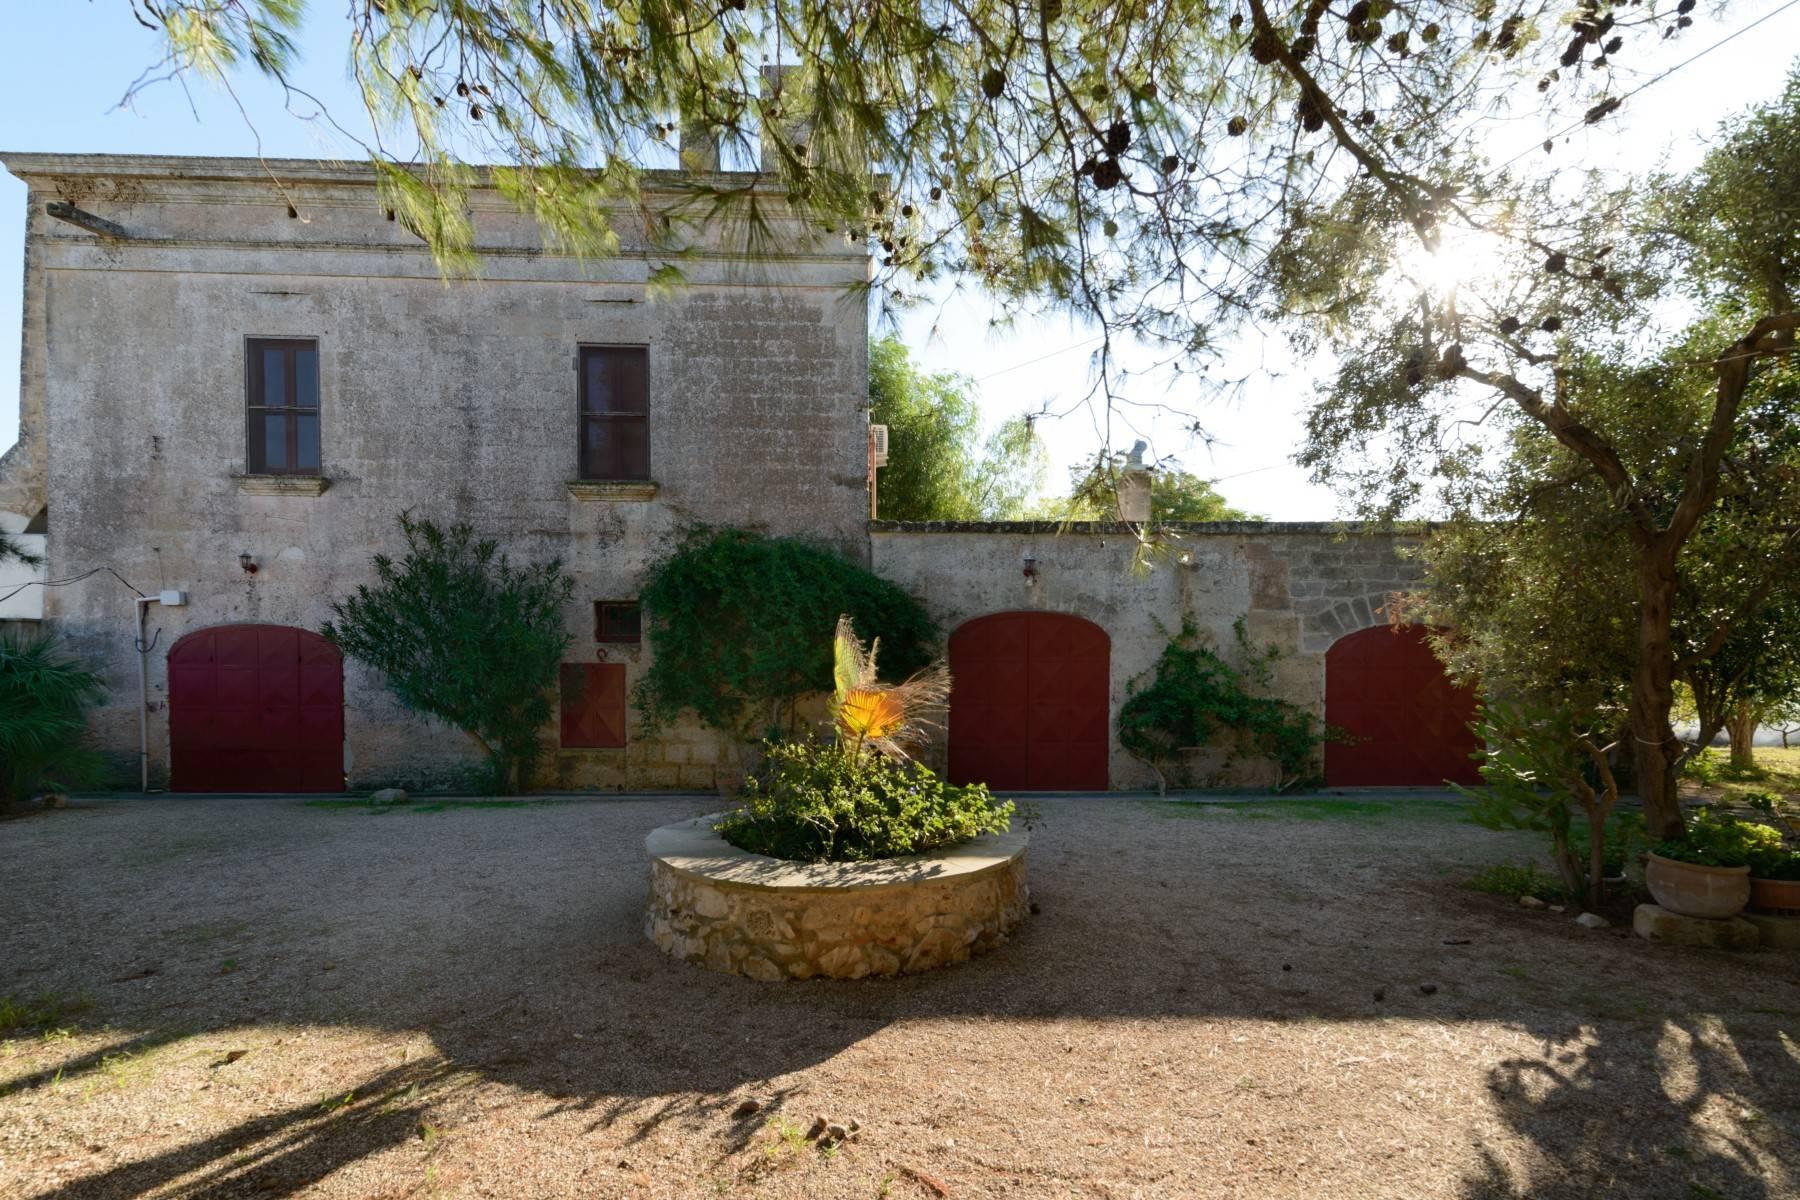 坐落于著名的Masseria Caracciolo住宅区内的优雅别墅 - 3